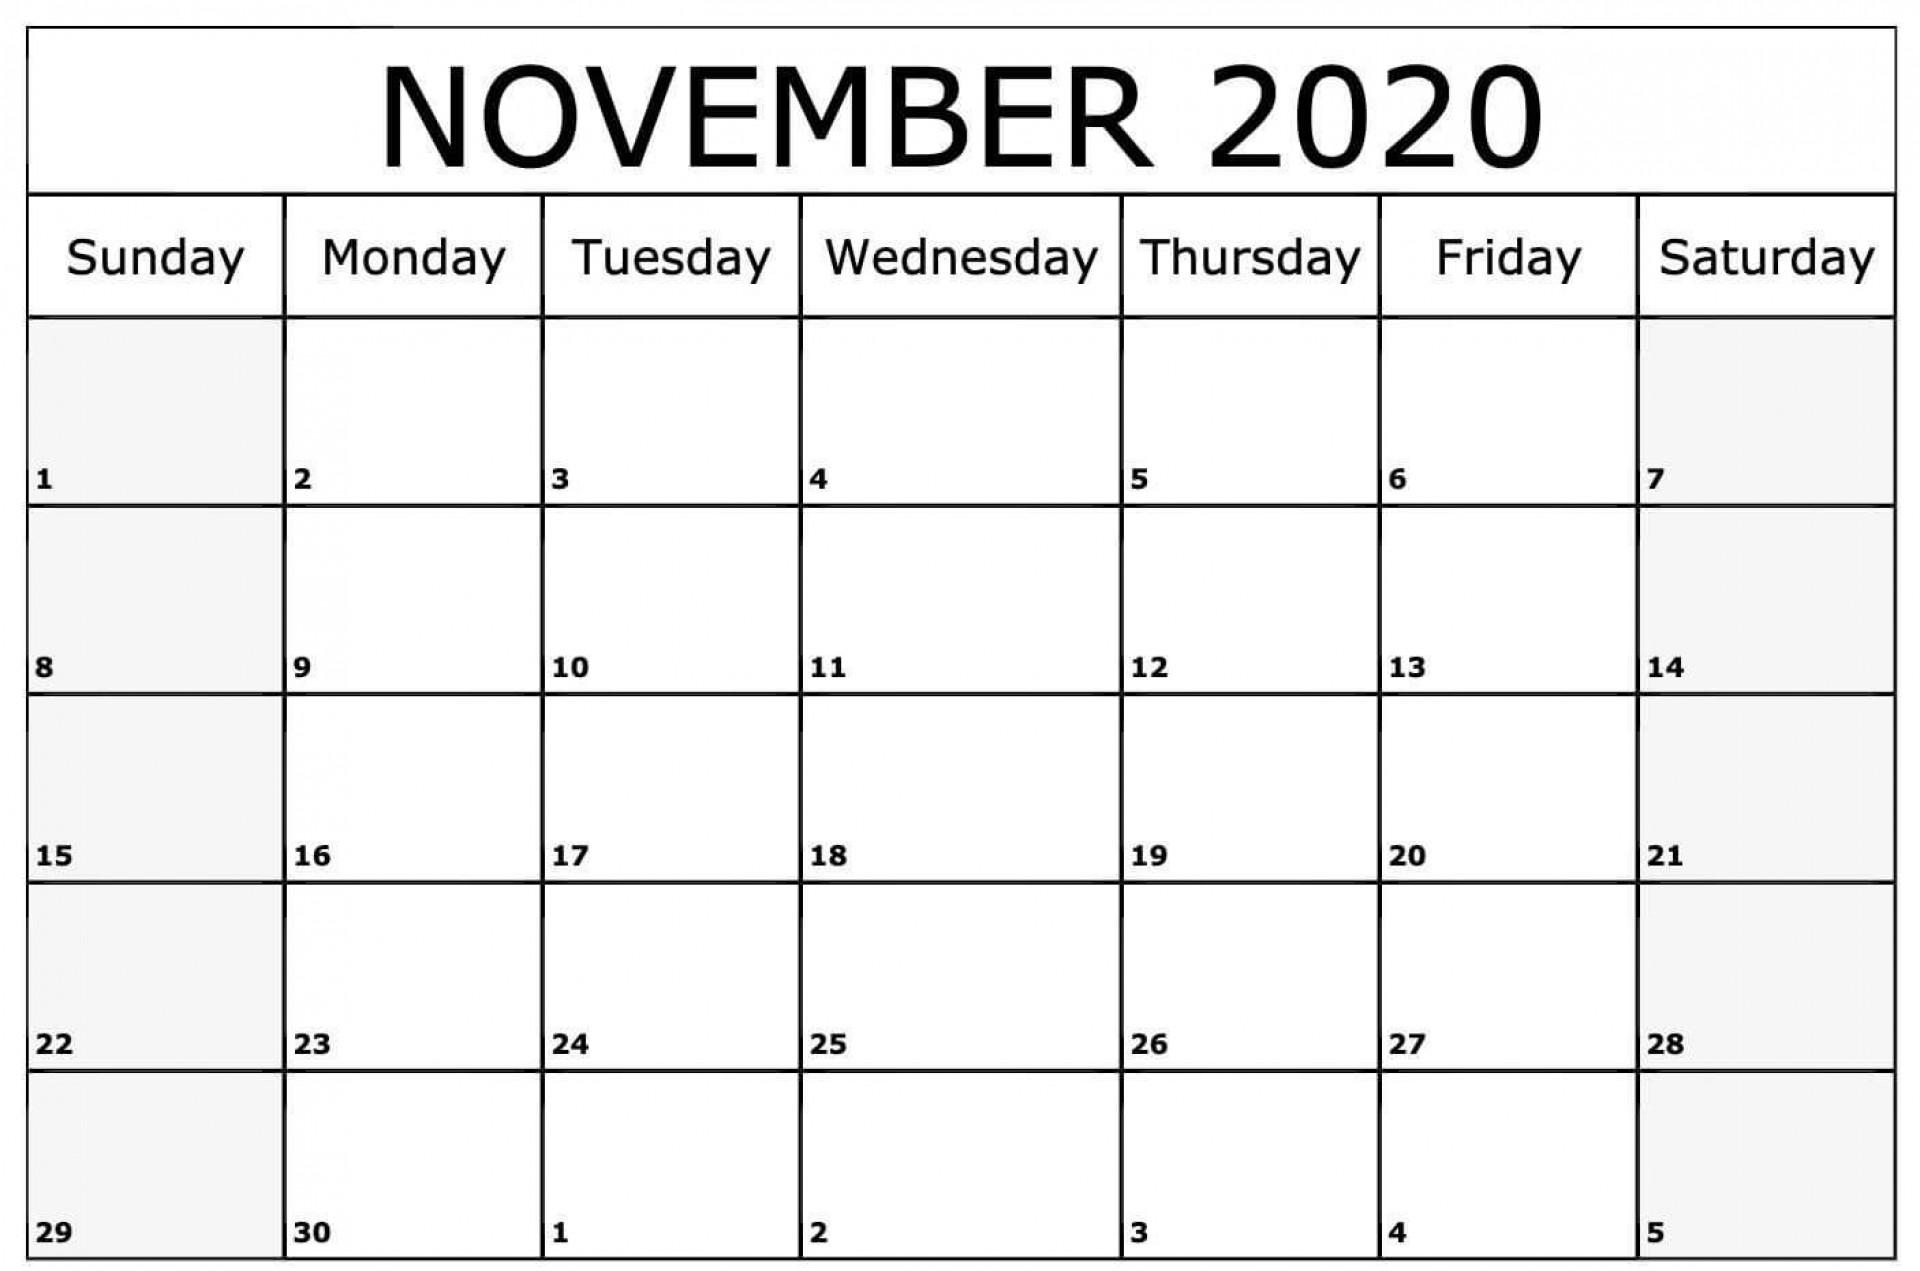 008 Fascinating Printable Calendar Template November 2020 Sample  Free1920